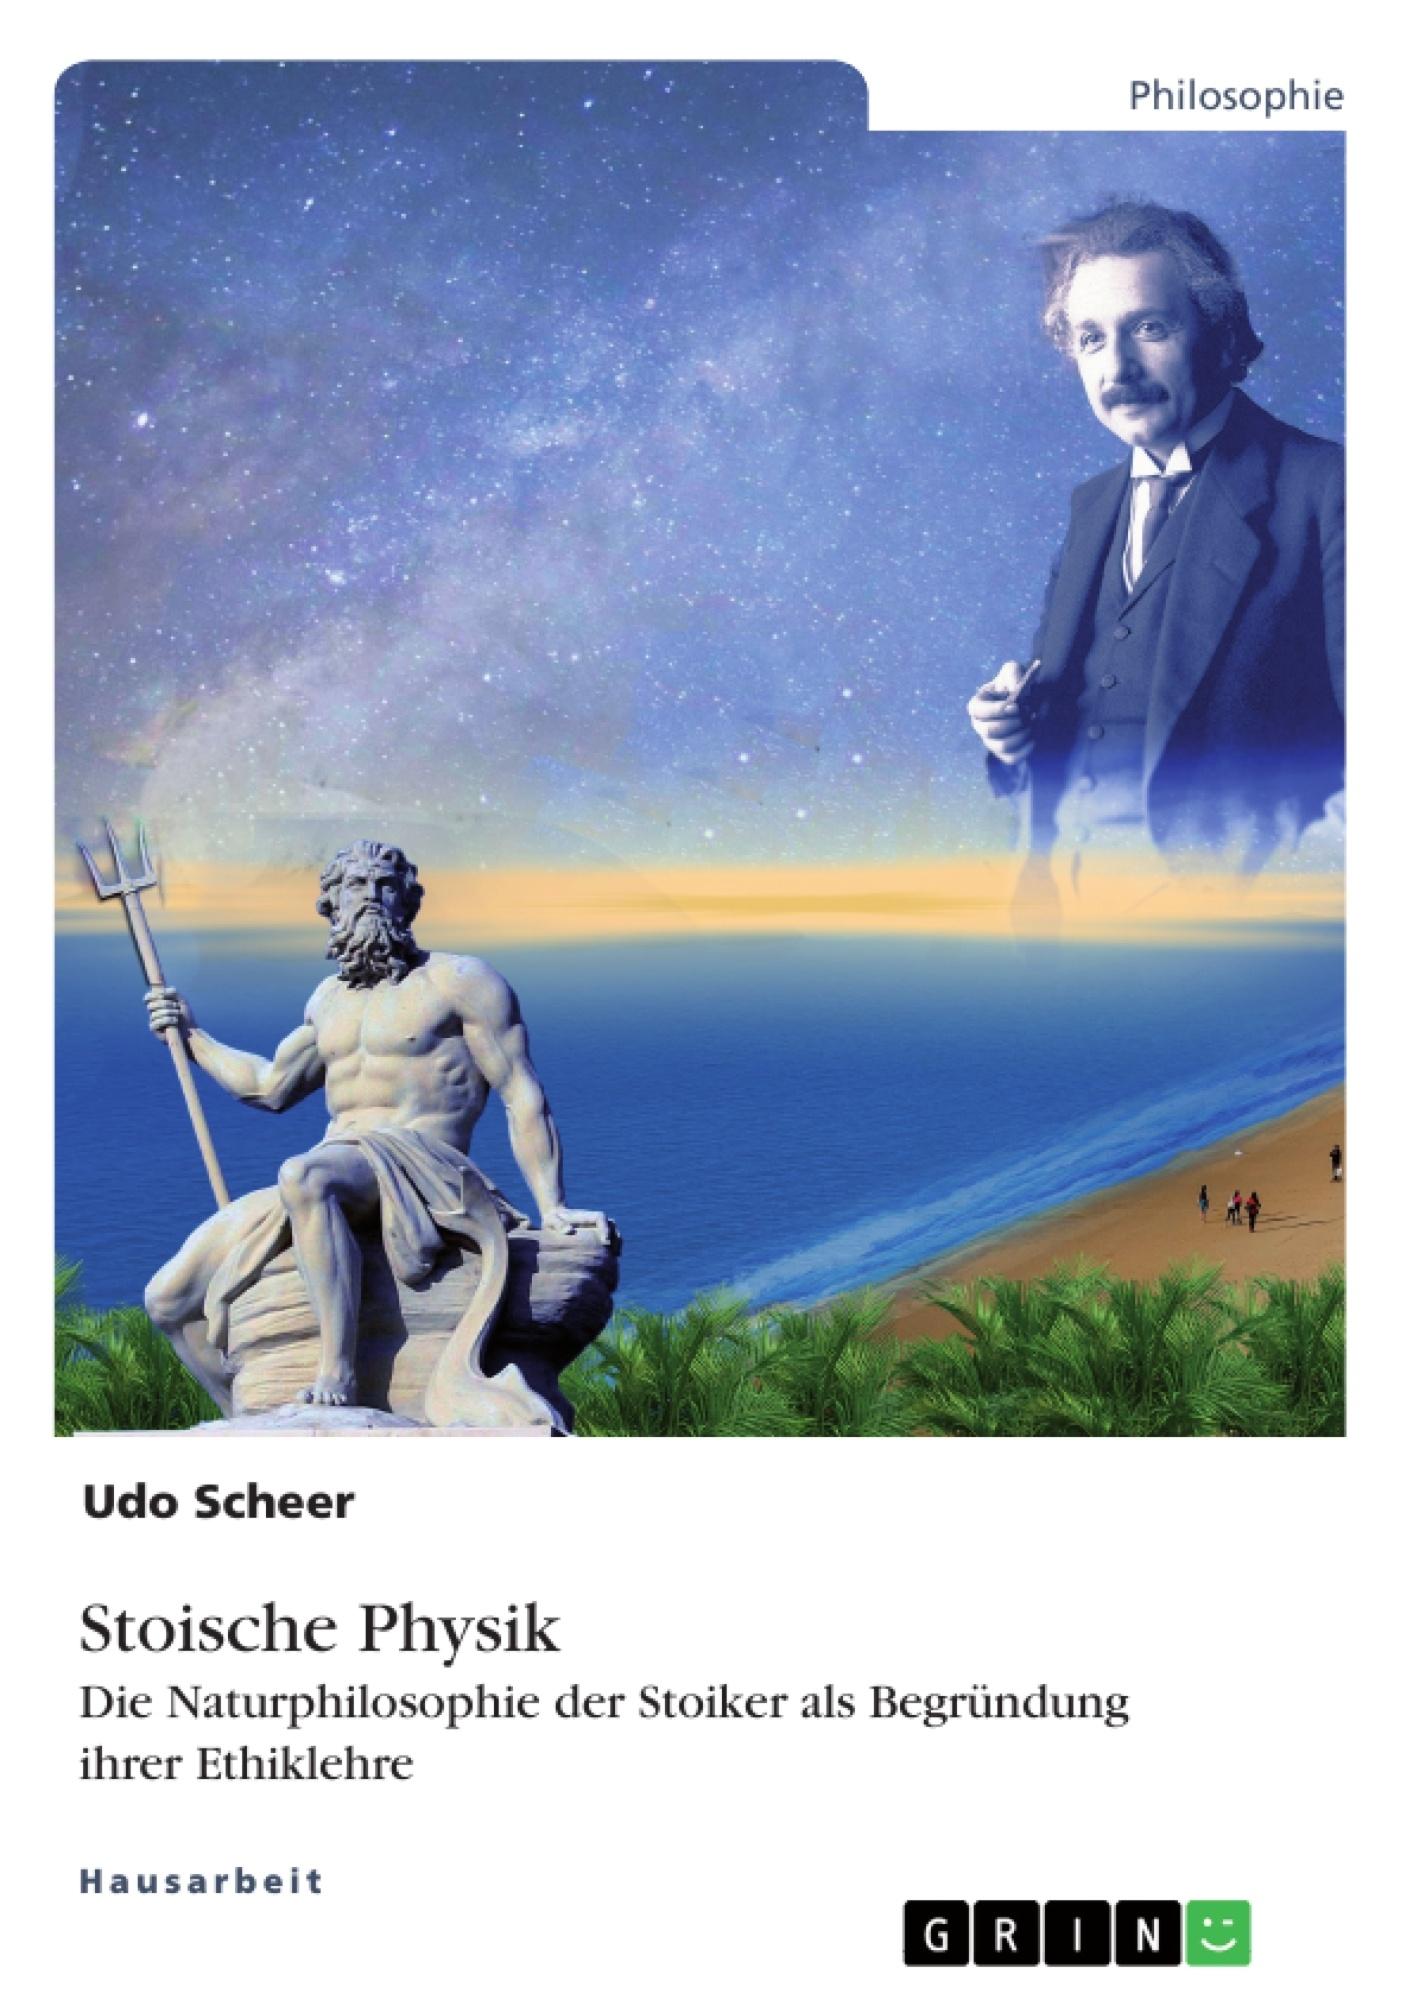 Titel: Stoische Physik. Die Naturphilosophie der Stoiker als Begründung ihrer Ethiklehre